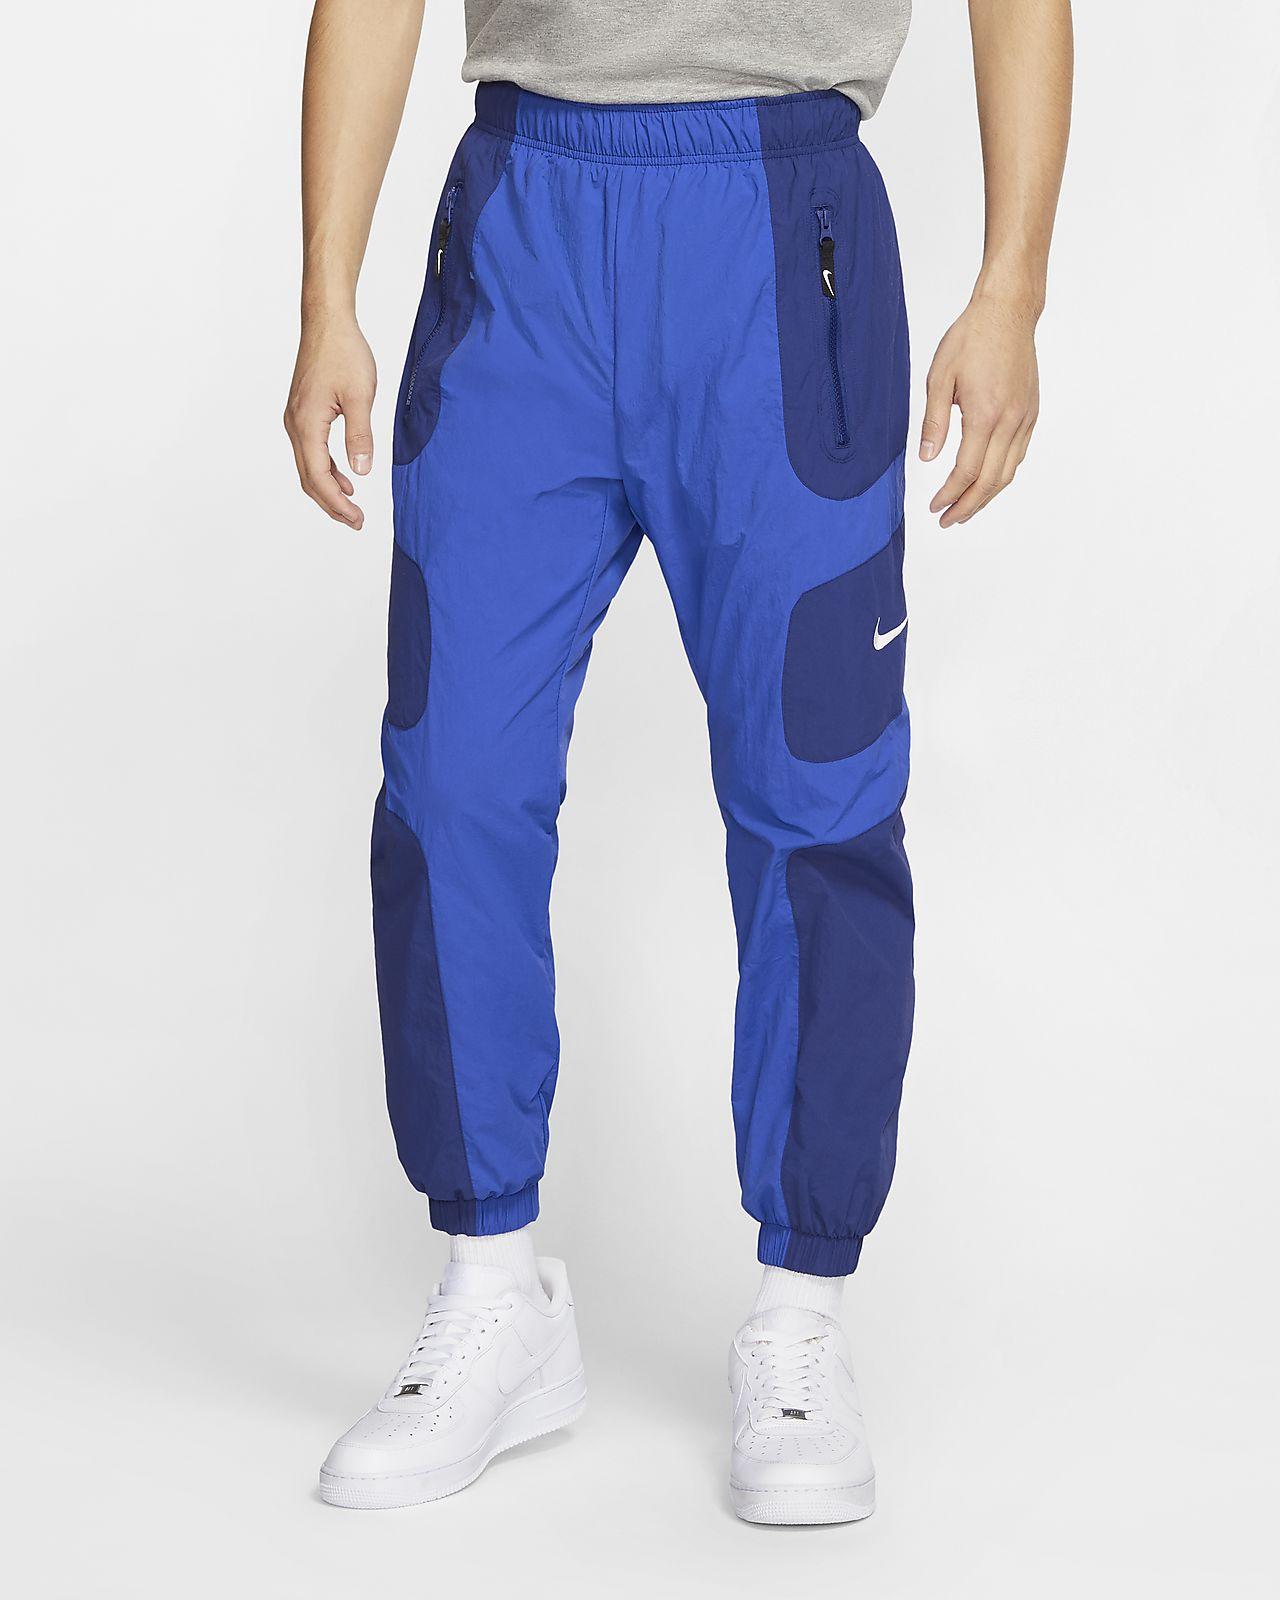 Calças entrançadas Nike Sportswear para homem